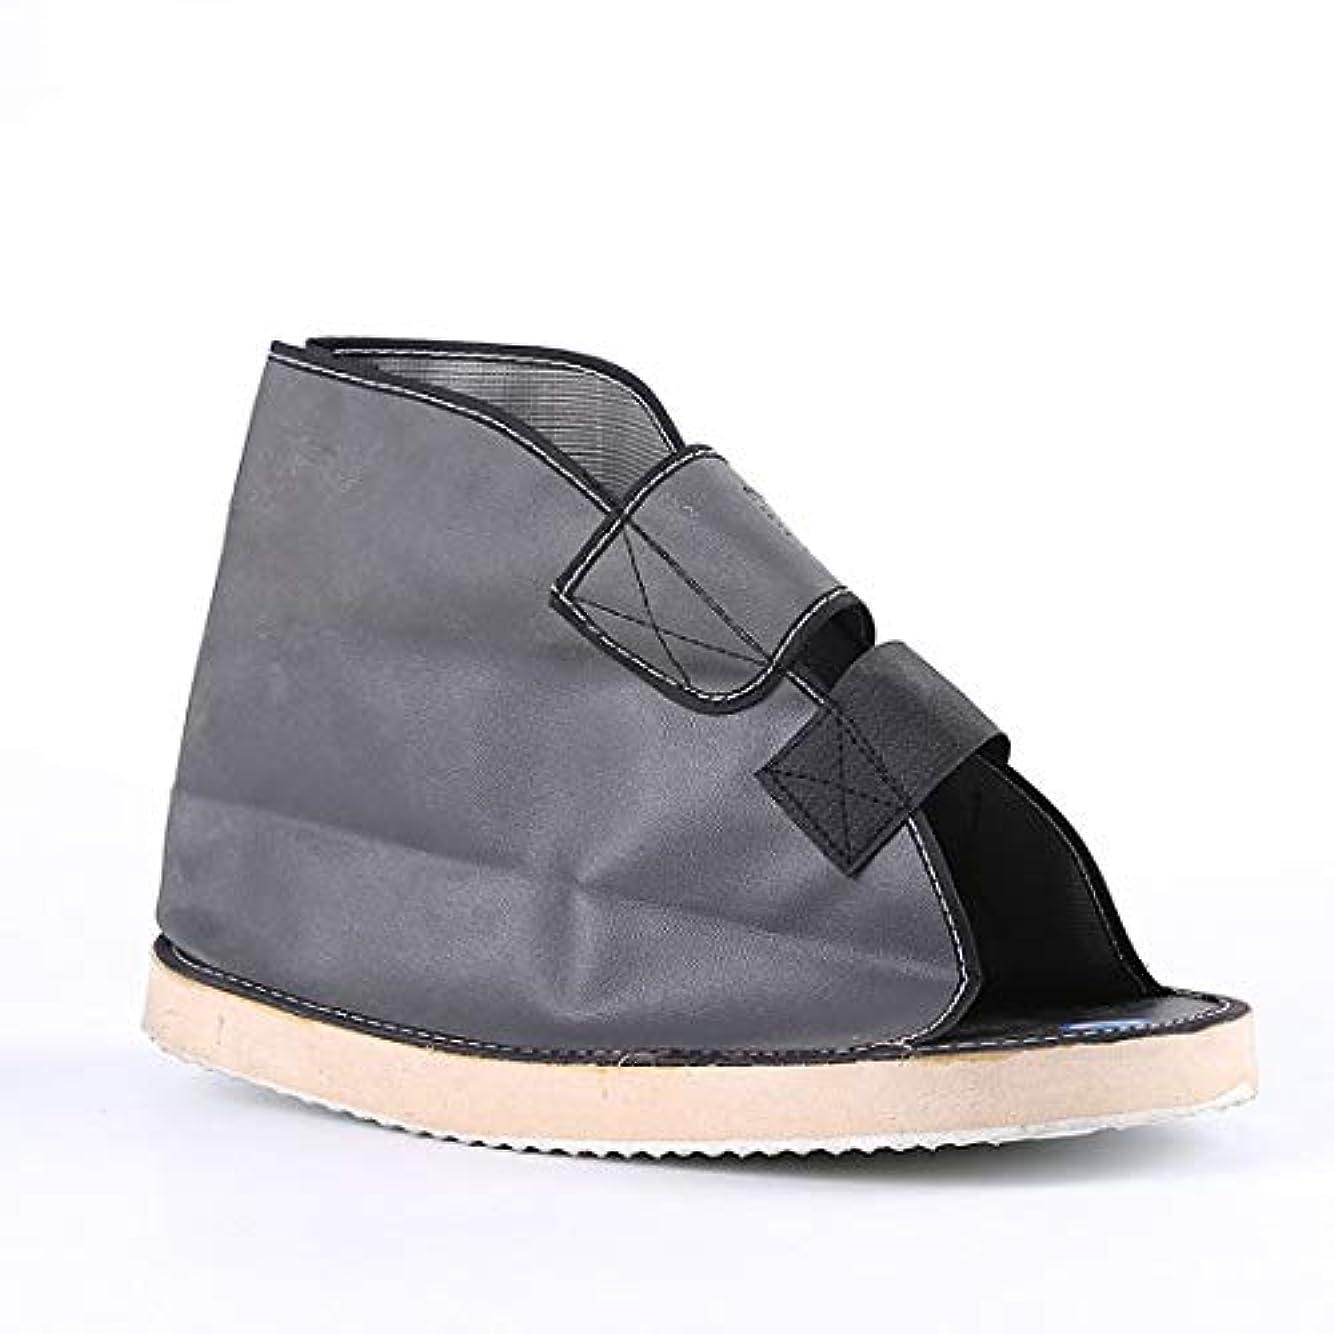 考古学者小康落ち込んでいる医療足骨折石膏の回復靴の手術後のつま先の靴を安定化骨折の靴を調整可能なファスナーで完全なカバー,L28.5*13cm